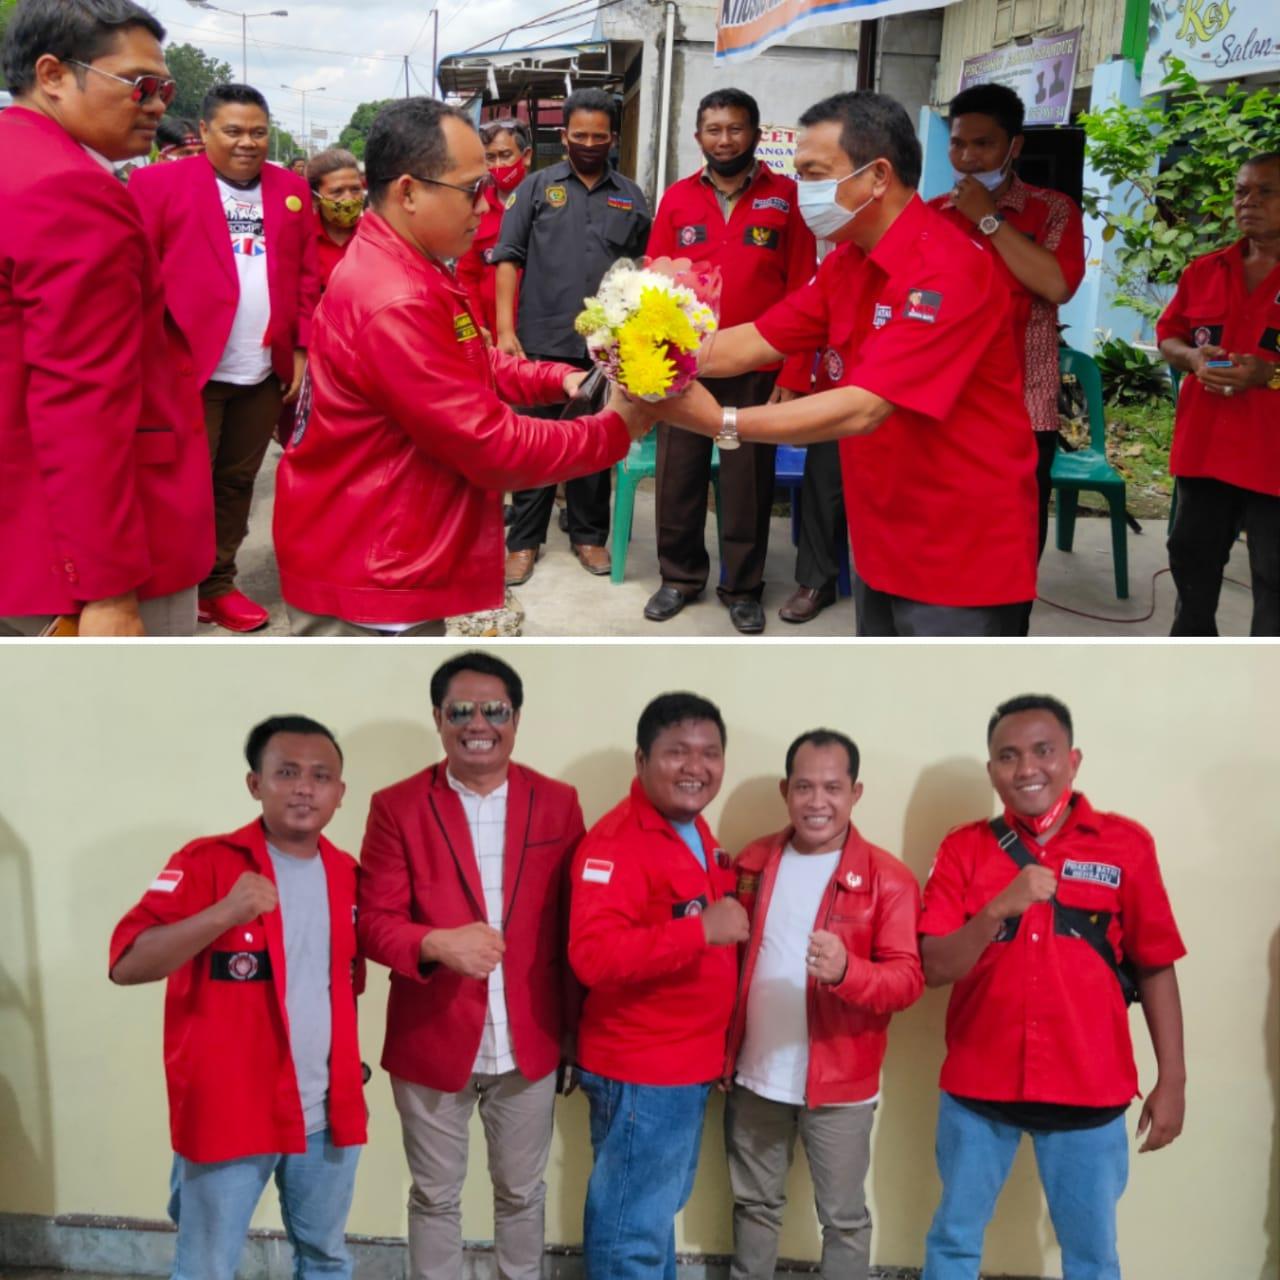 Ketua DPP Pemuda Batak Bersatu Sambangi DPC PBB Kota Tebing Tinggi